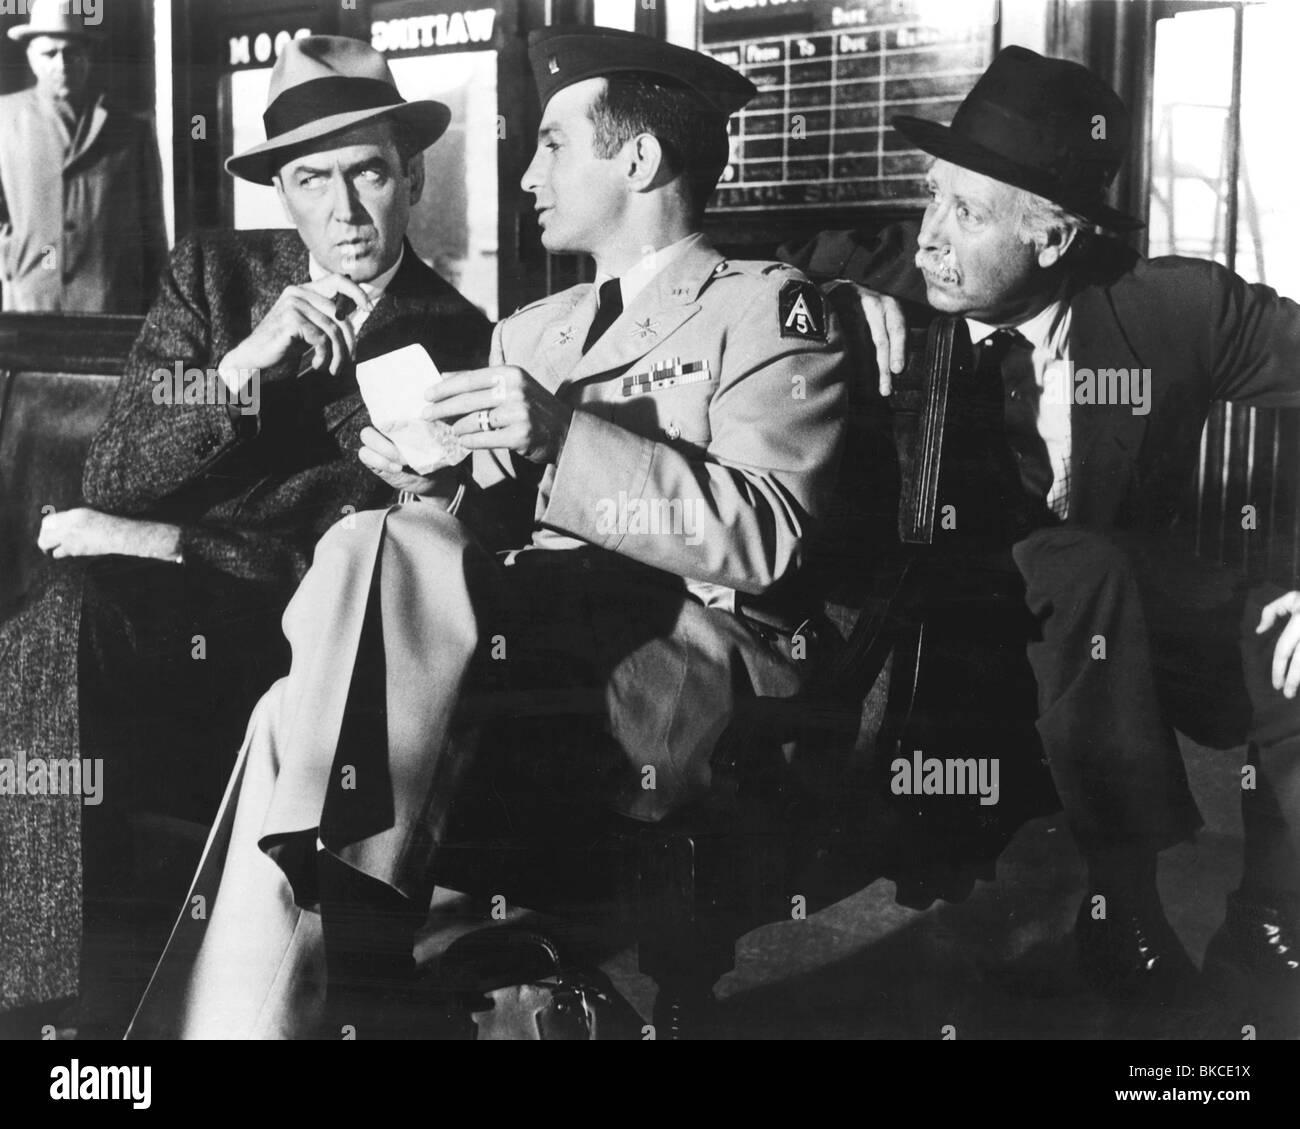 ANATOMY OF A MURDER (1959) JAMES STEWART, BEN GAZZARA ANMR 001P - Stock Image